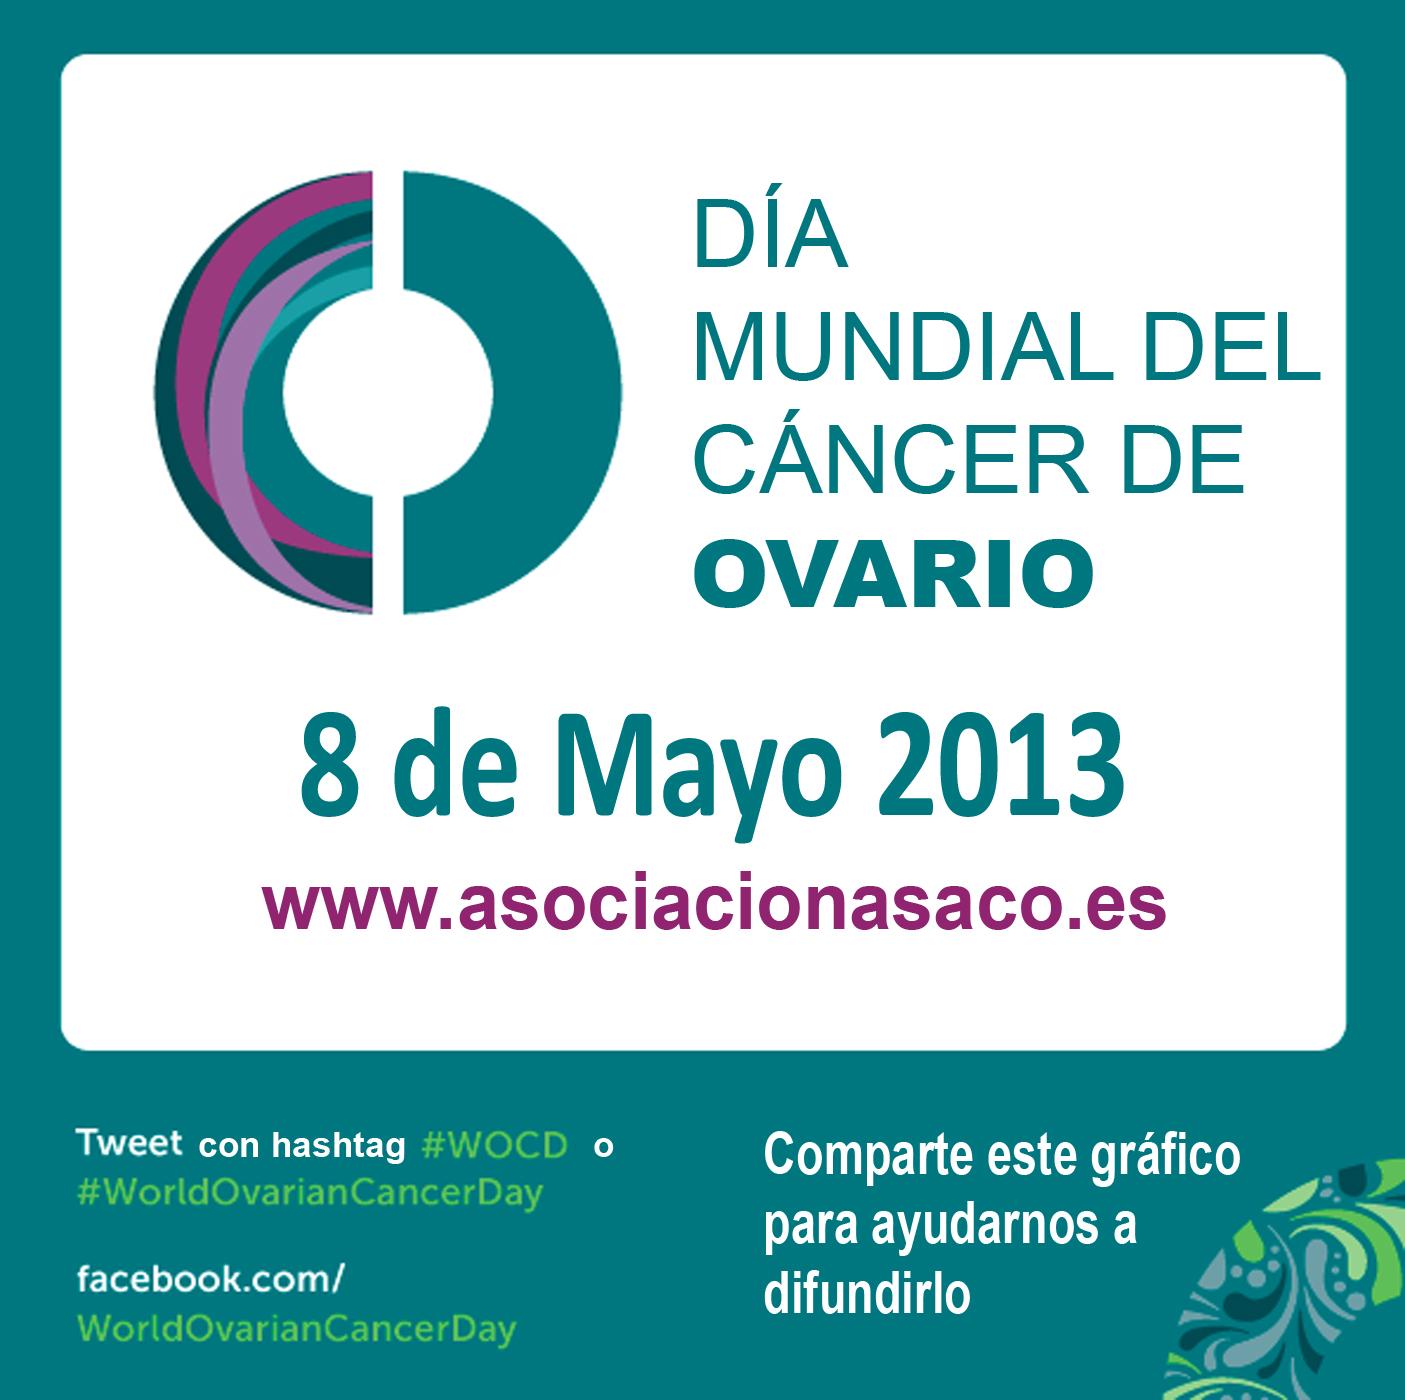 Logo dia mundial cancer de ovario ASACO castellan